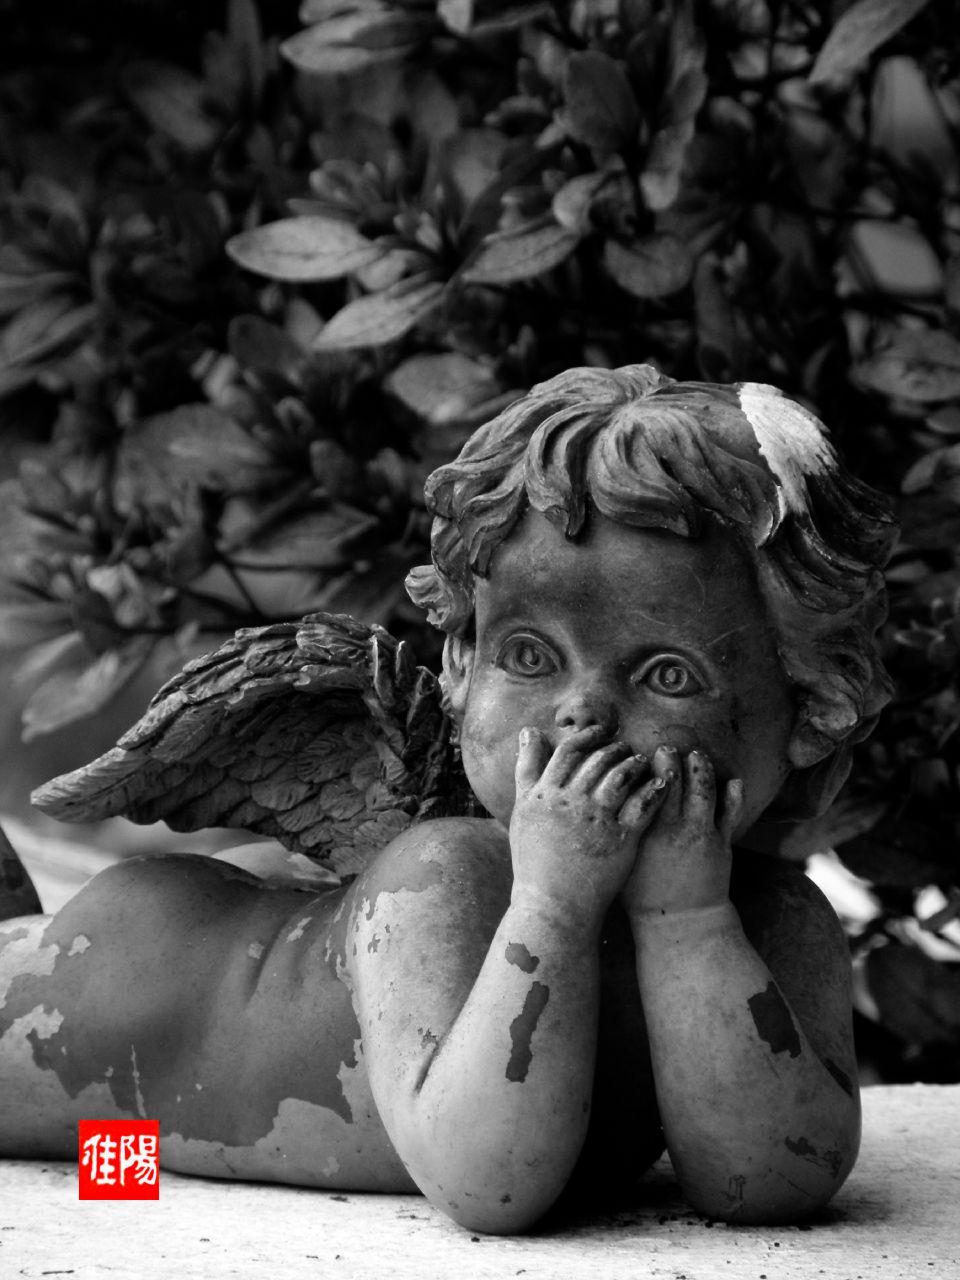 P80-Orf_CherubSculpt01_2009-09_13A